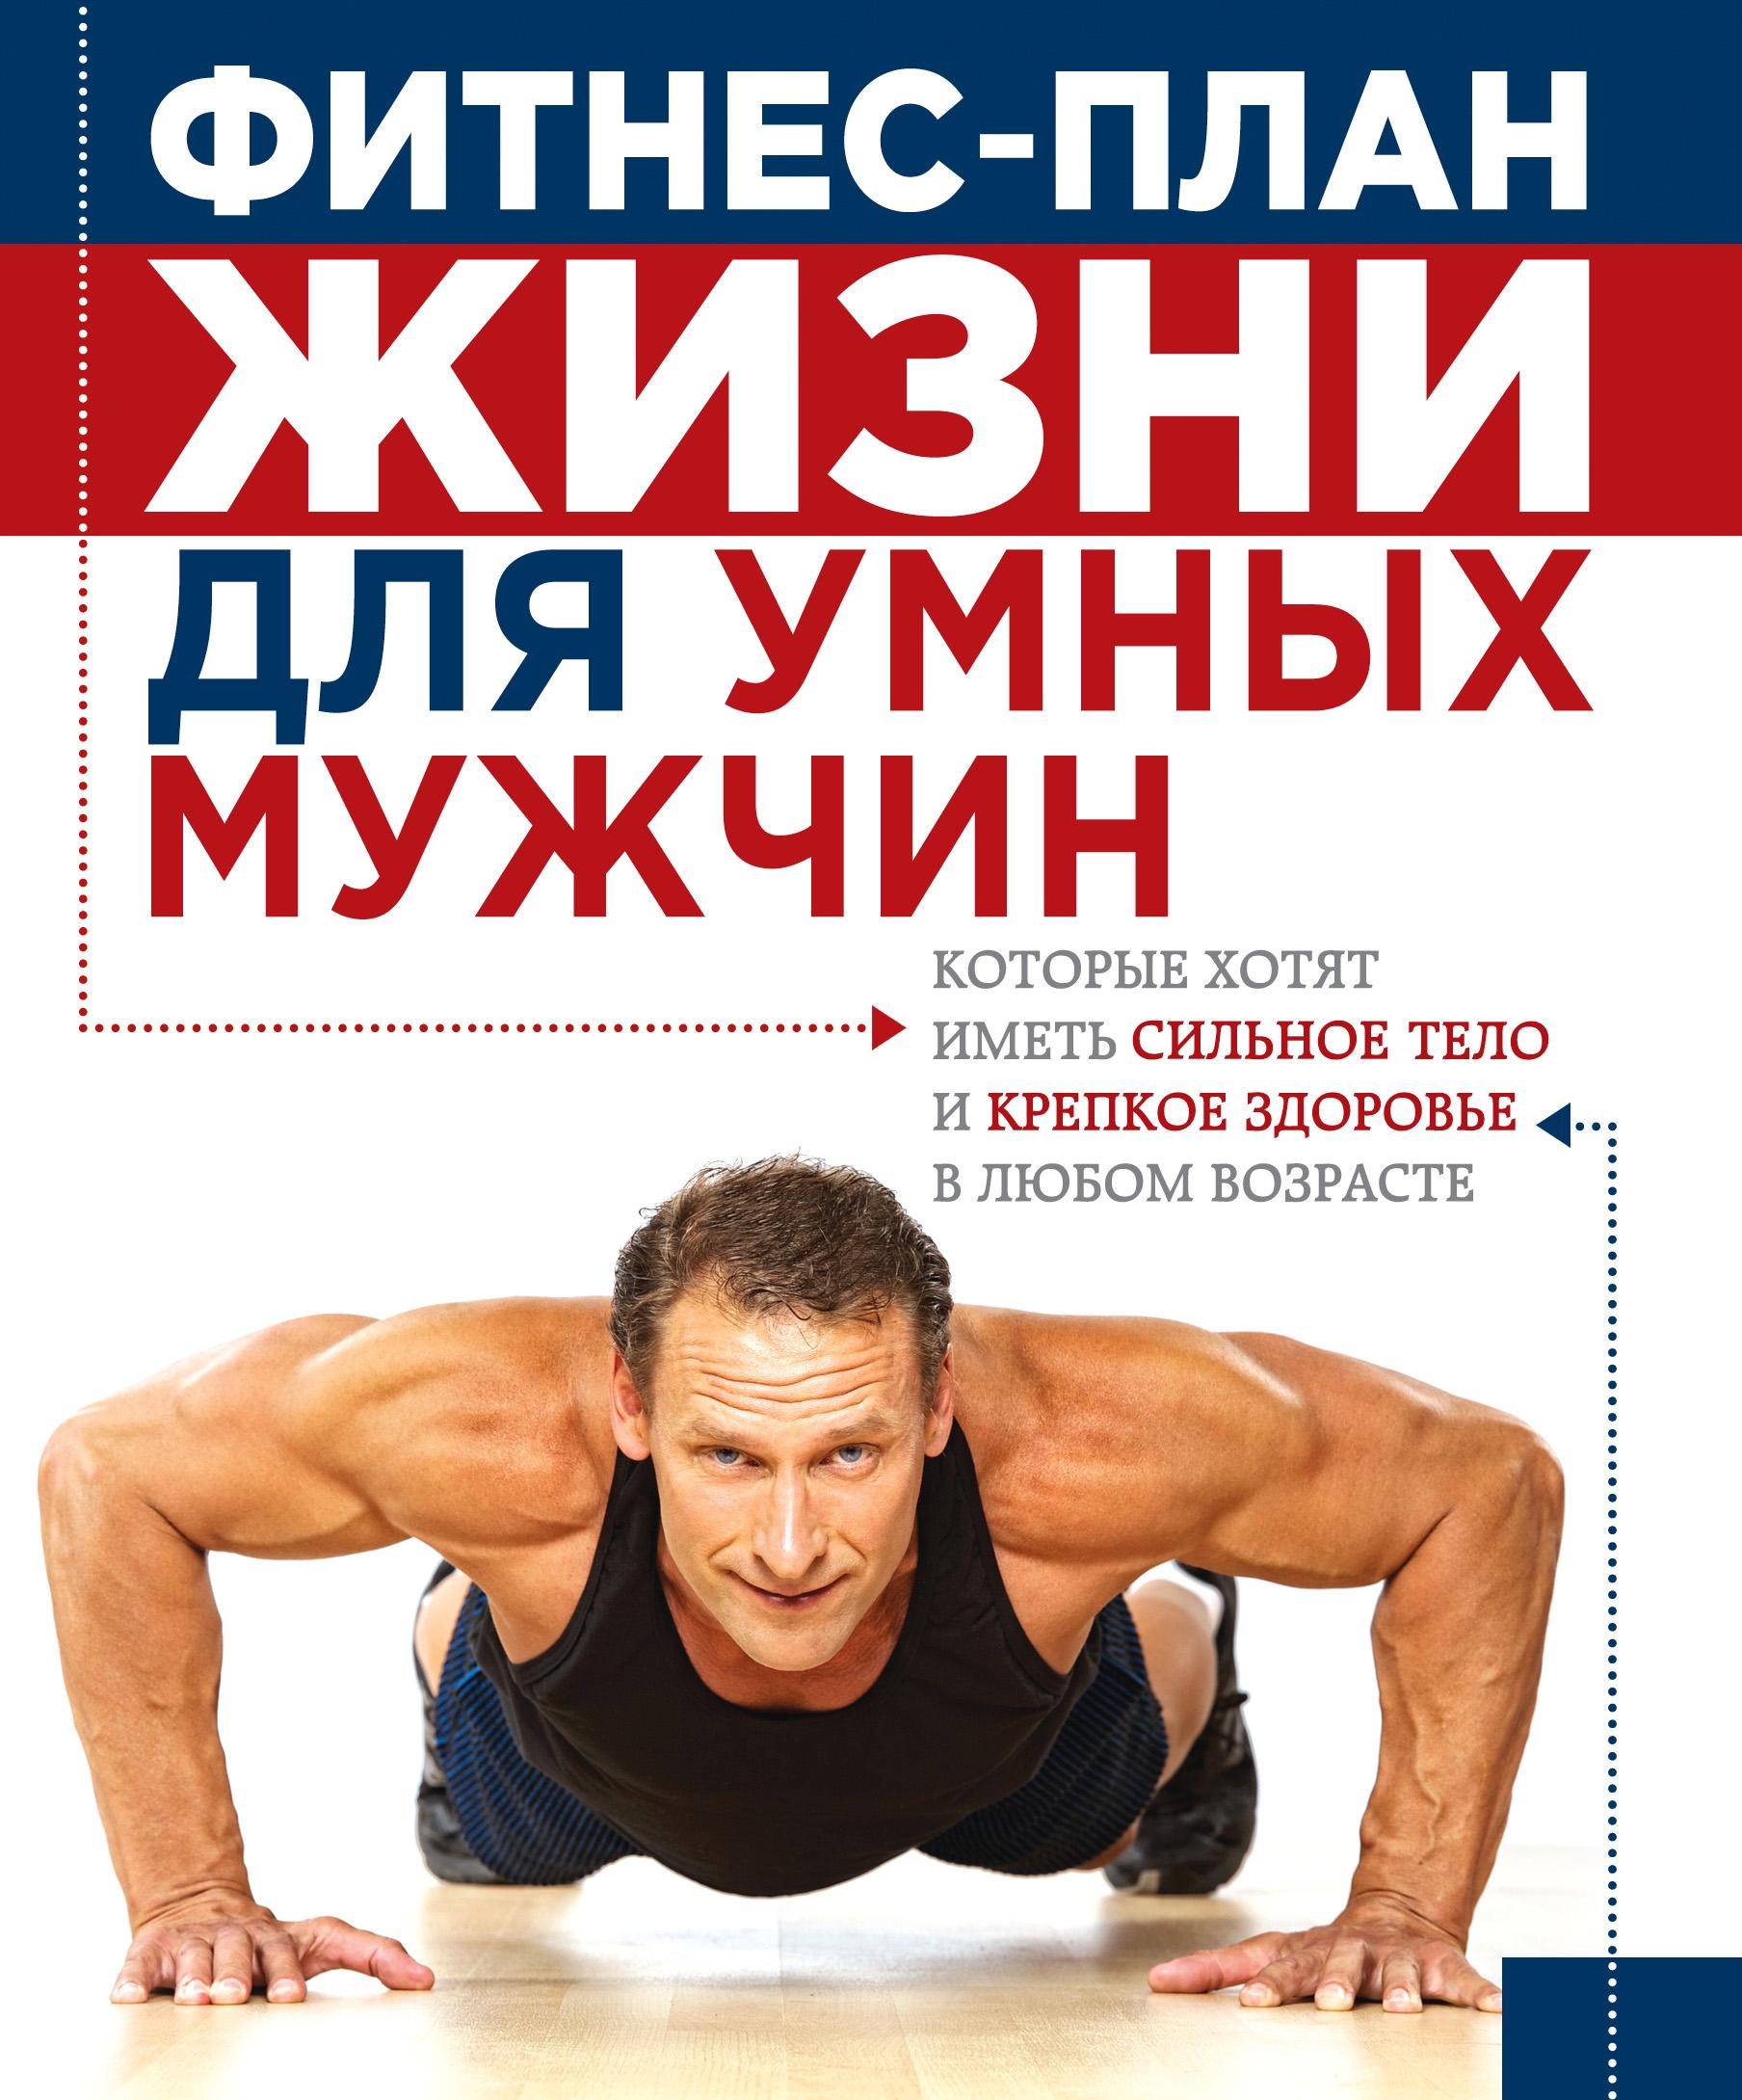 Джеффри С. Лайф Фитнес-план жизни для умных мужчин фитнес план жизни для умных мужчин